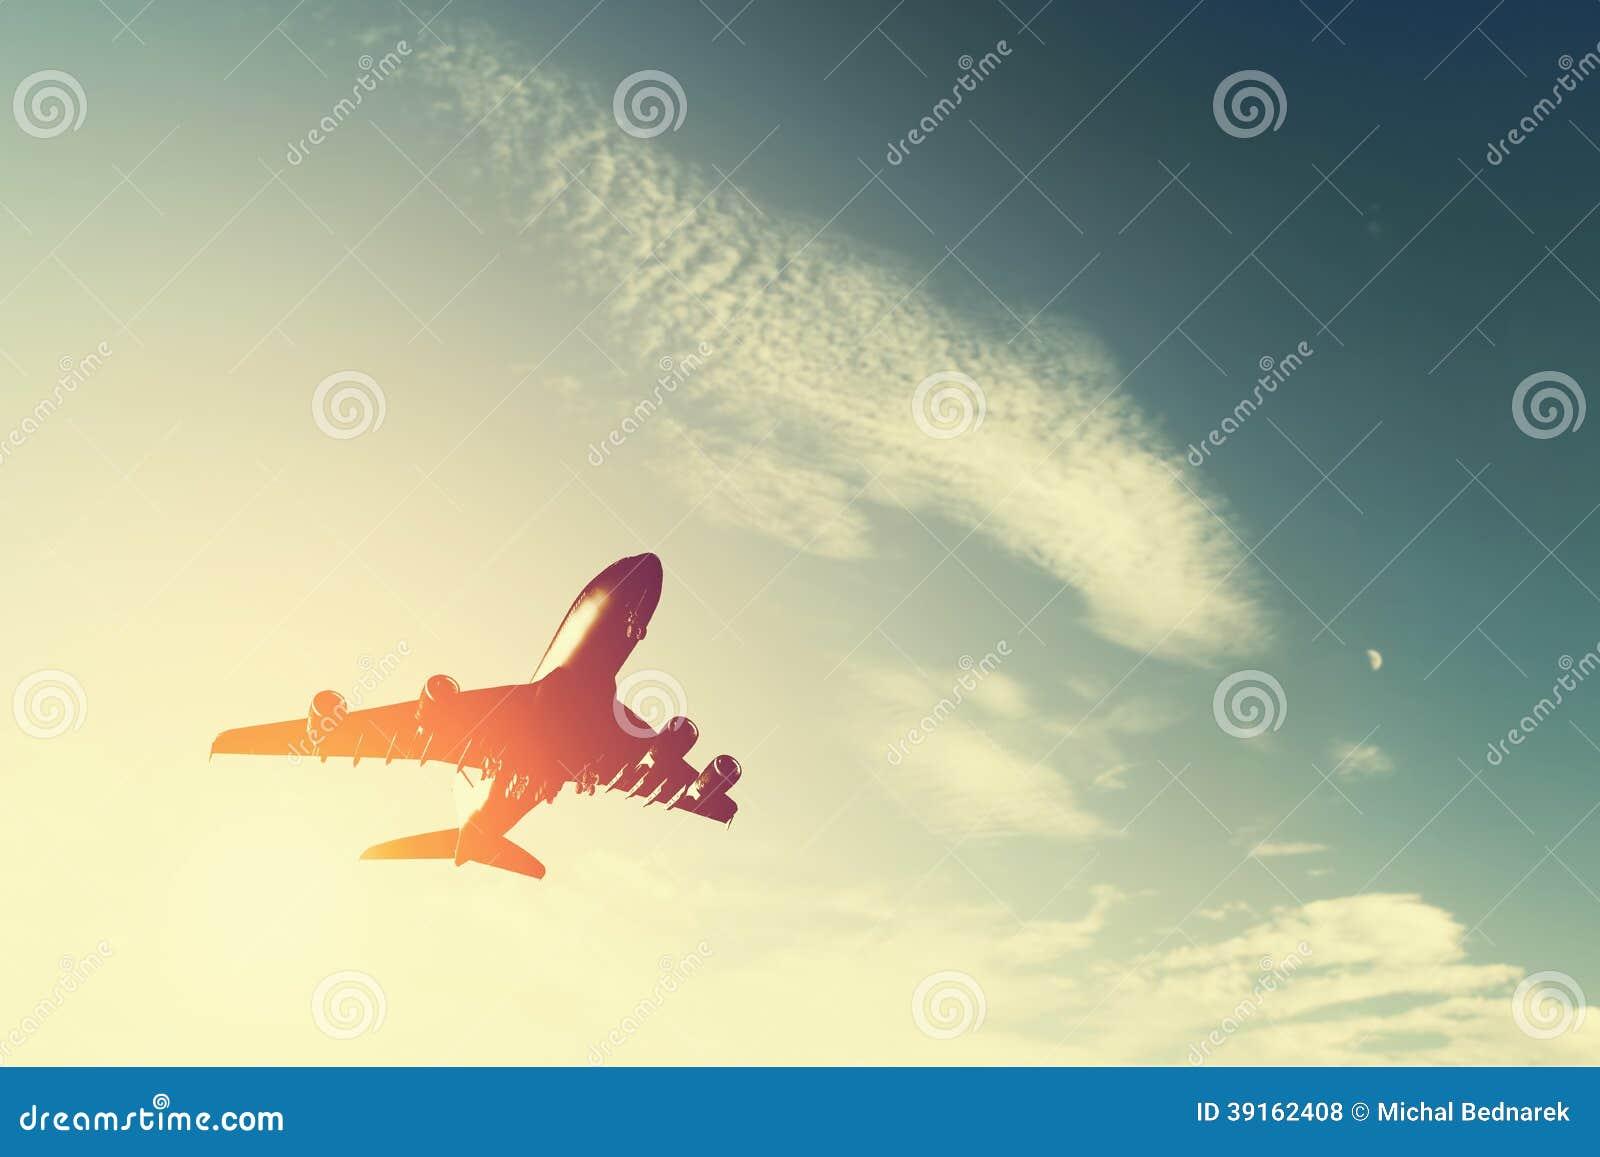 Flugzeug, das bei Sonnenuntergang sich entfernt.